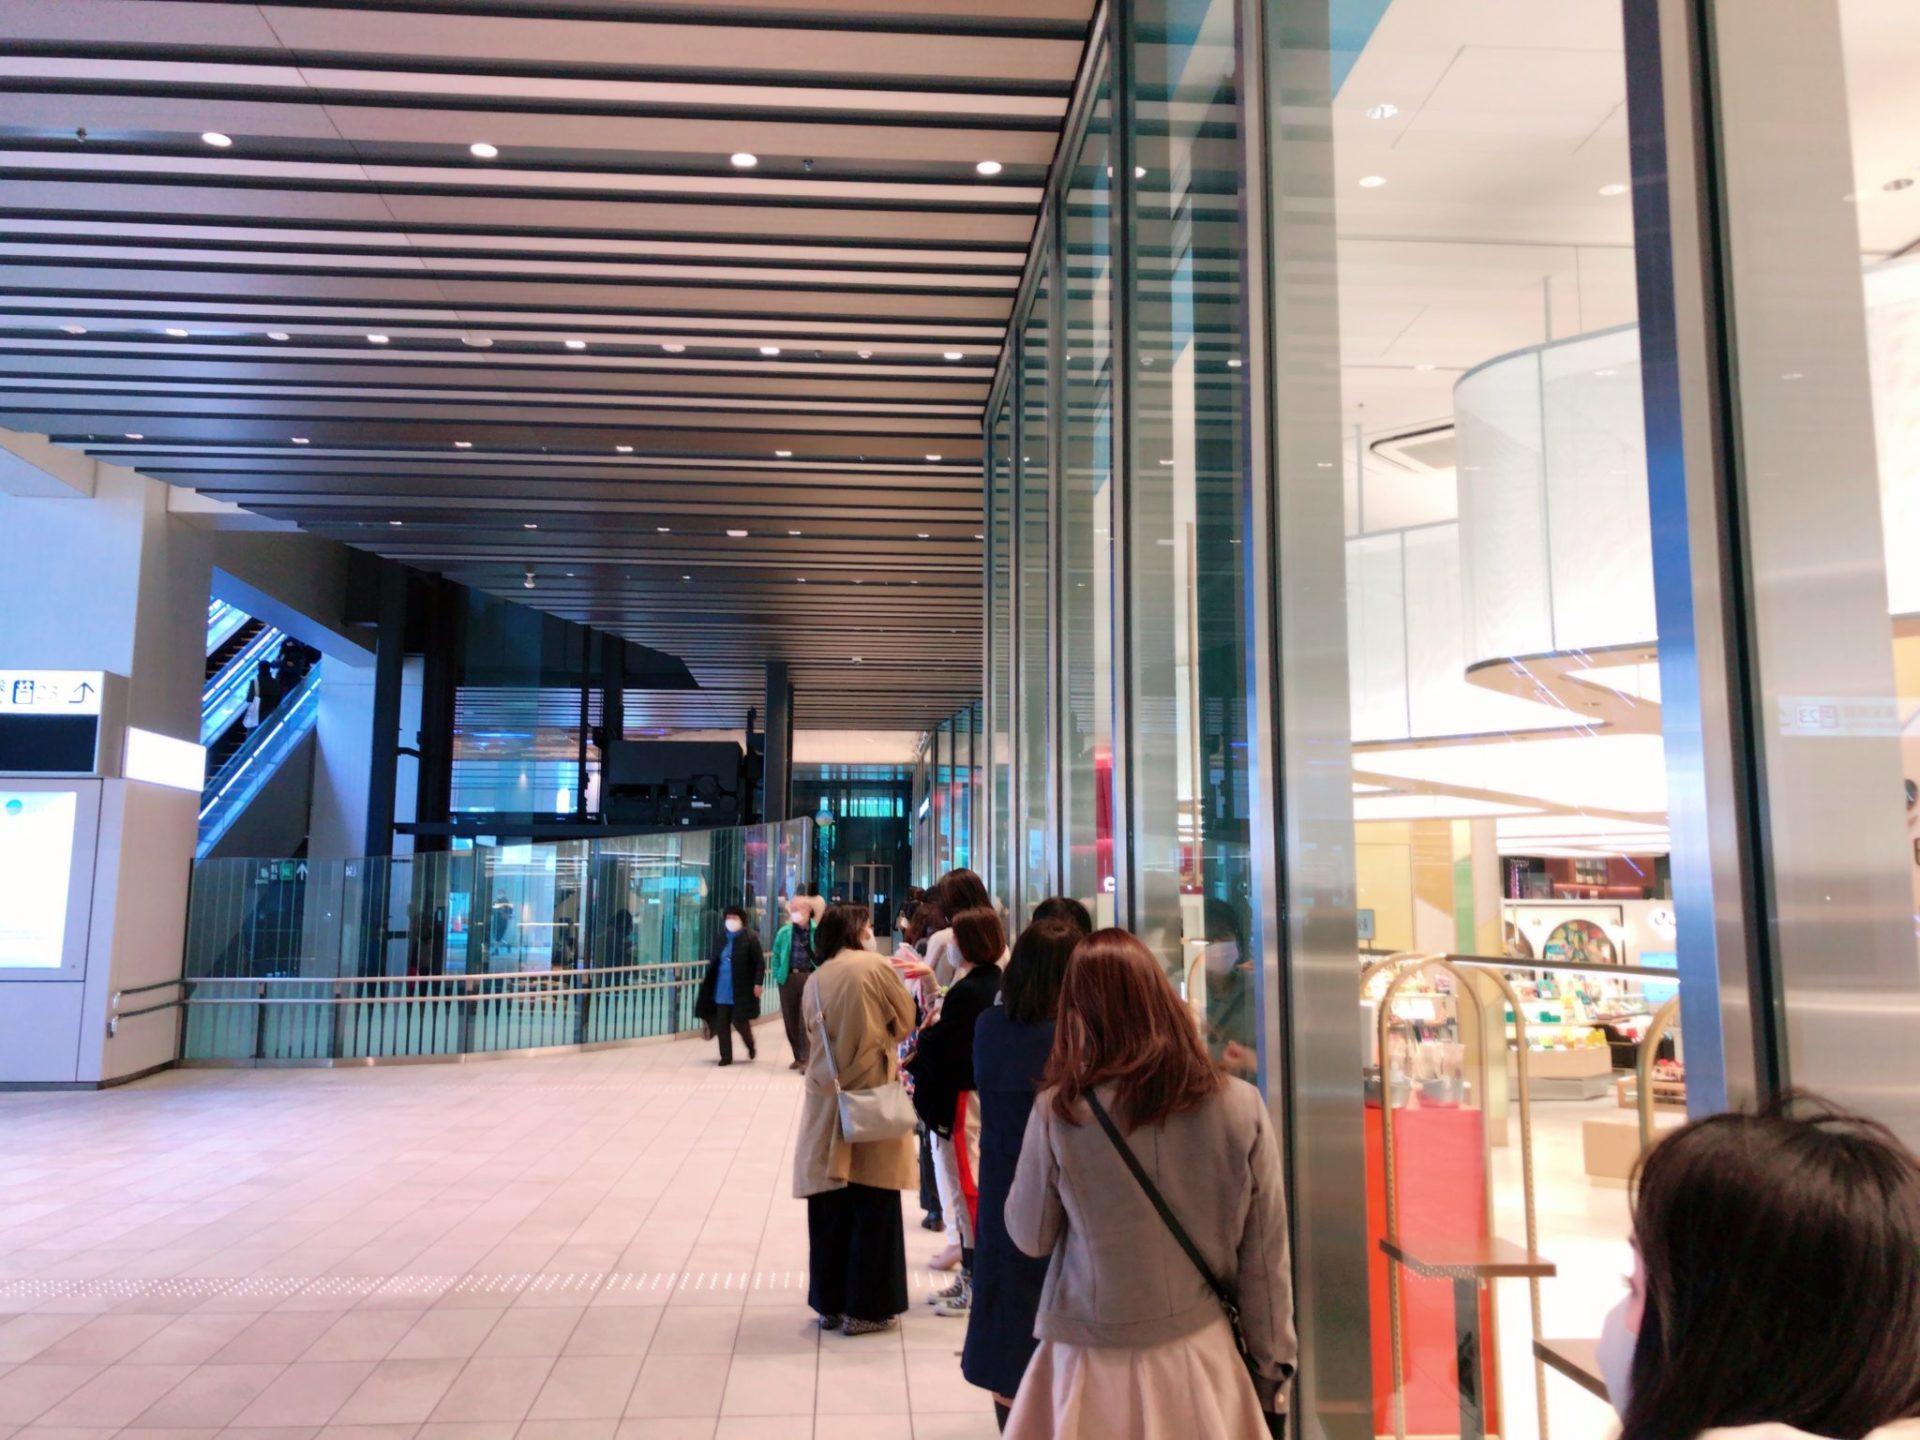 エシレ・パティスリー オ ブール 渋谷スクランブルスクエア店のカヌレを買う方法